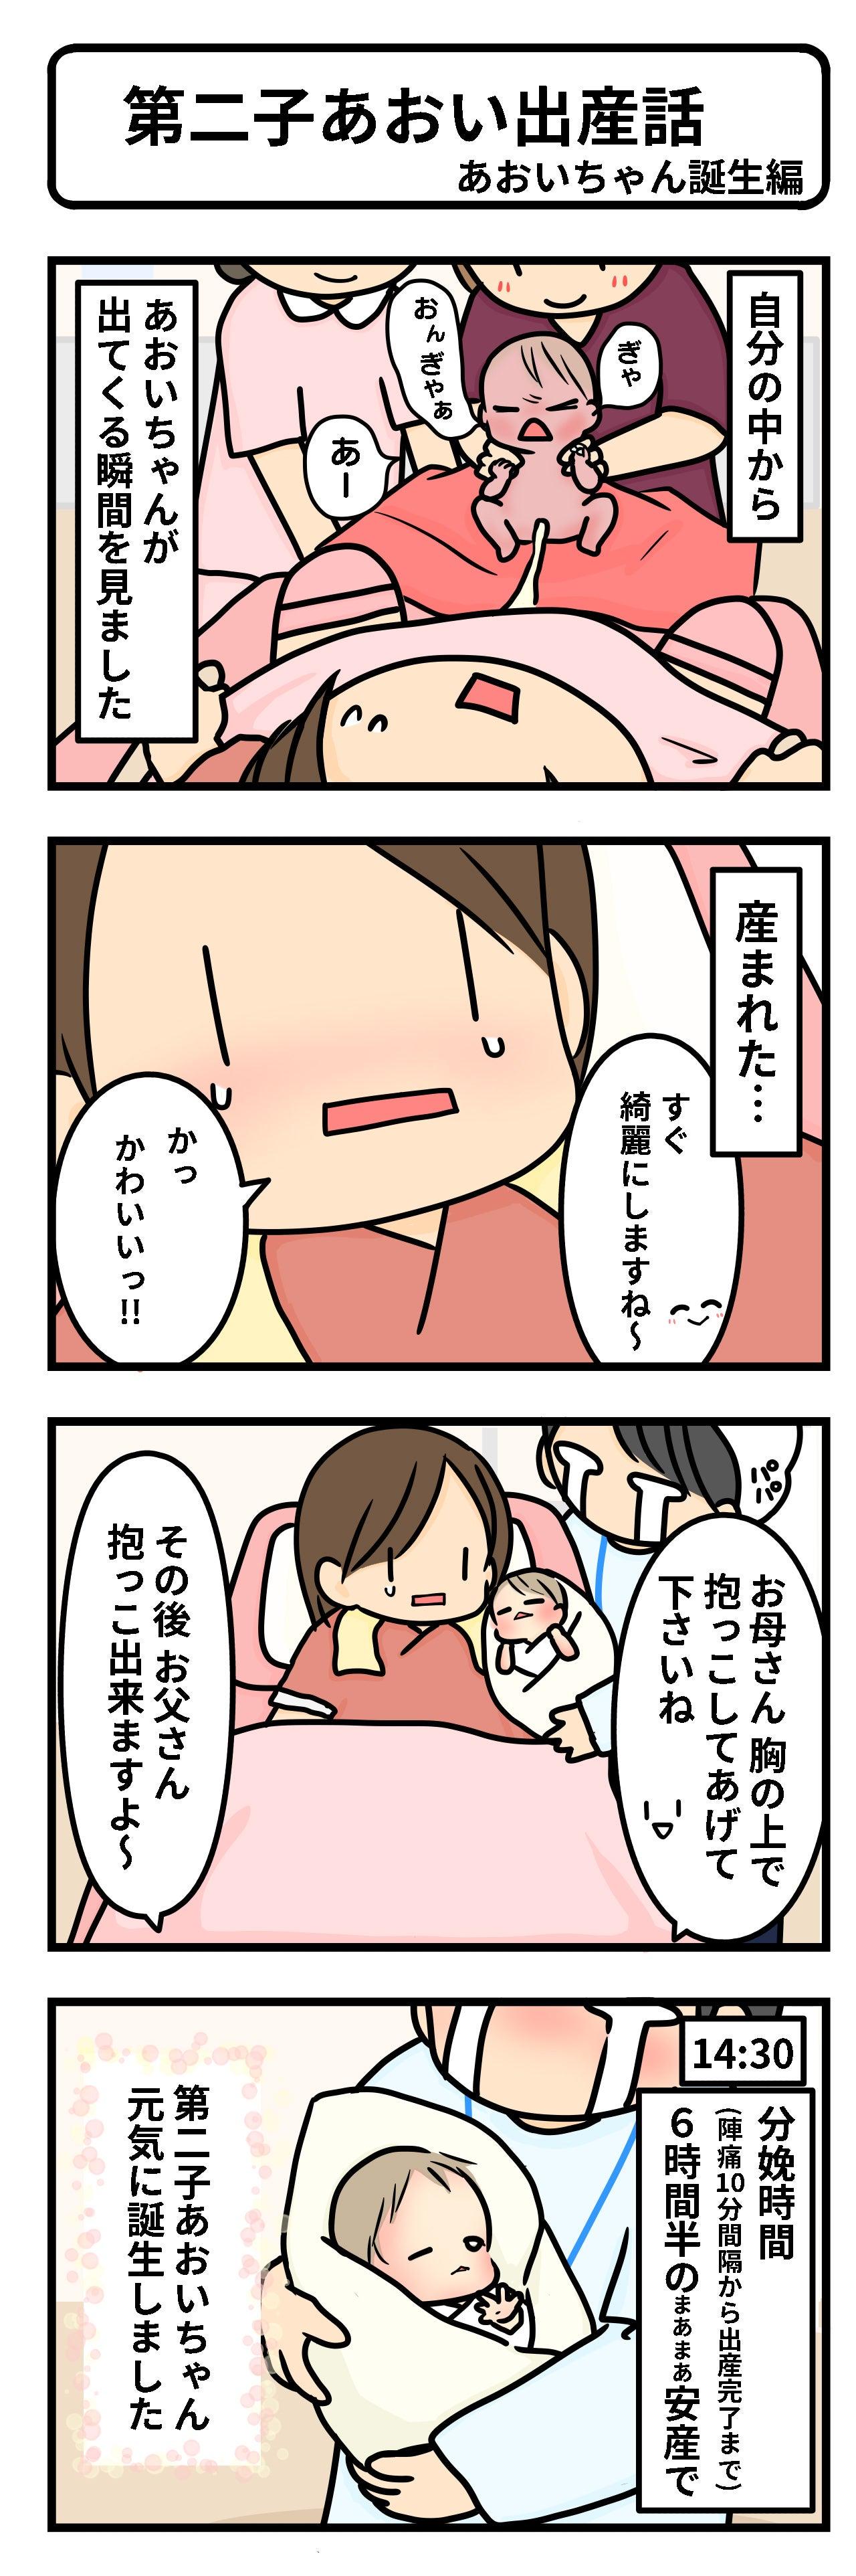 レポ 初産 出産